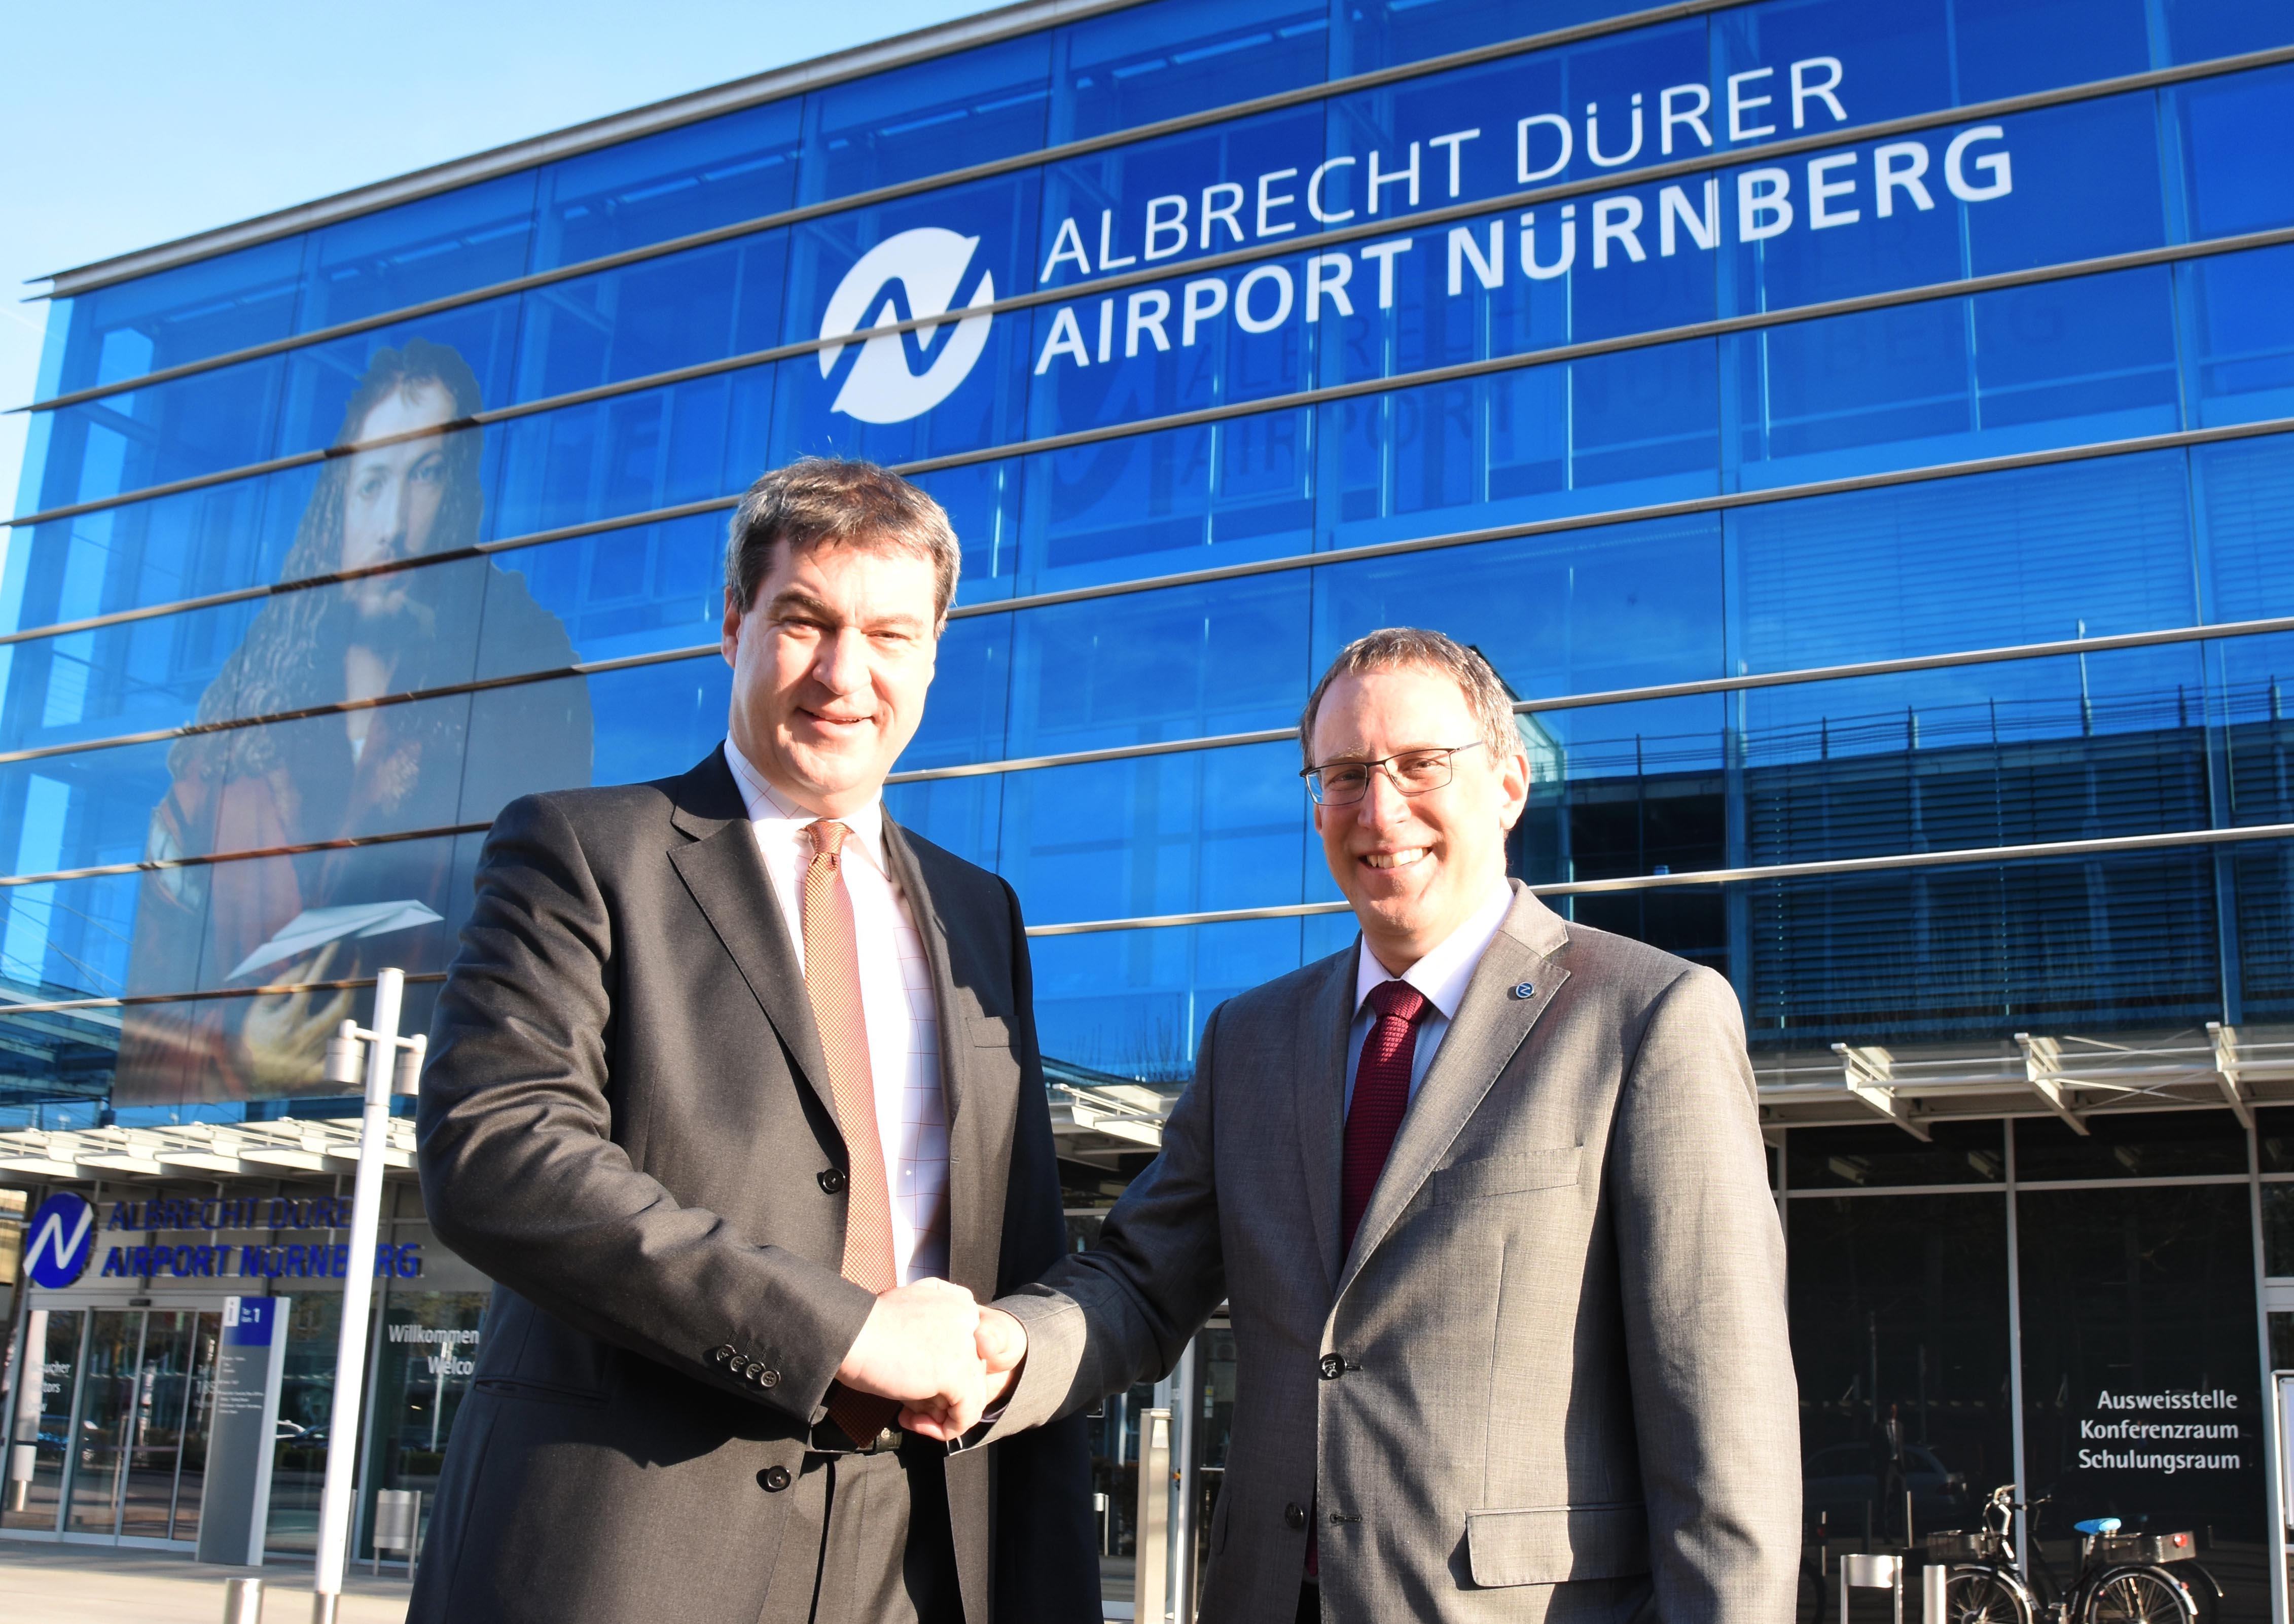 <p>Söder neuer Aufsichtsratsvorsitzender des Flughafens Nürnberg</p><p>Vertrag von Geschäftsführer Hupe verlängert</p>